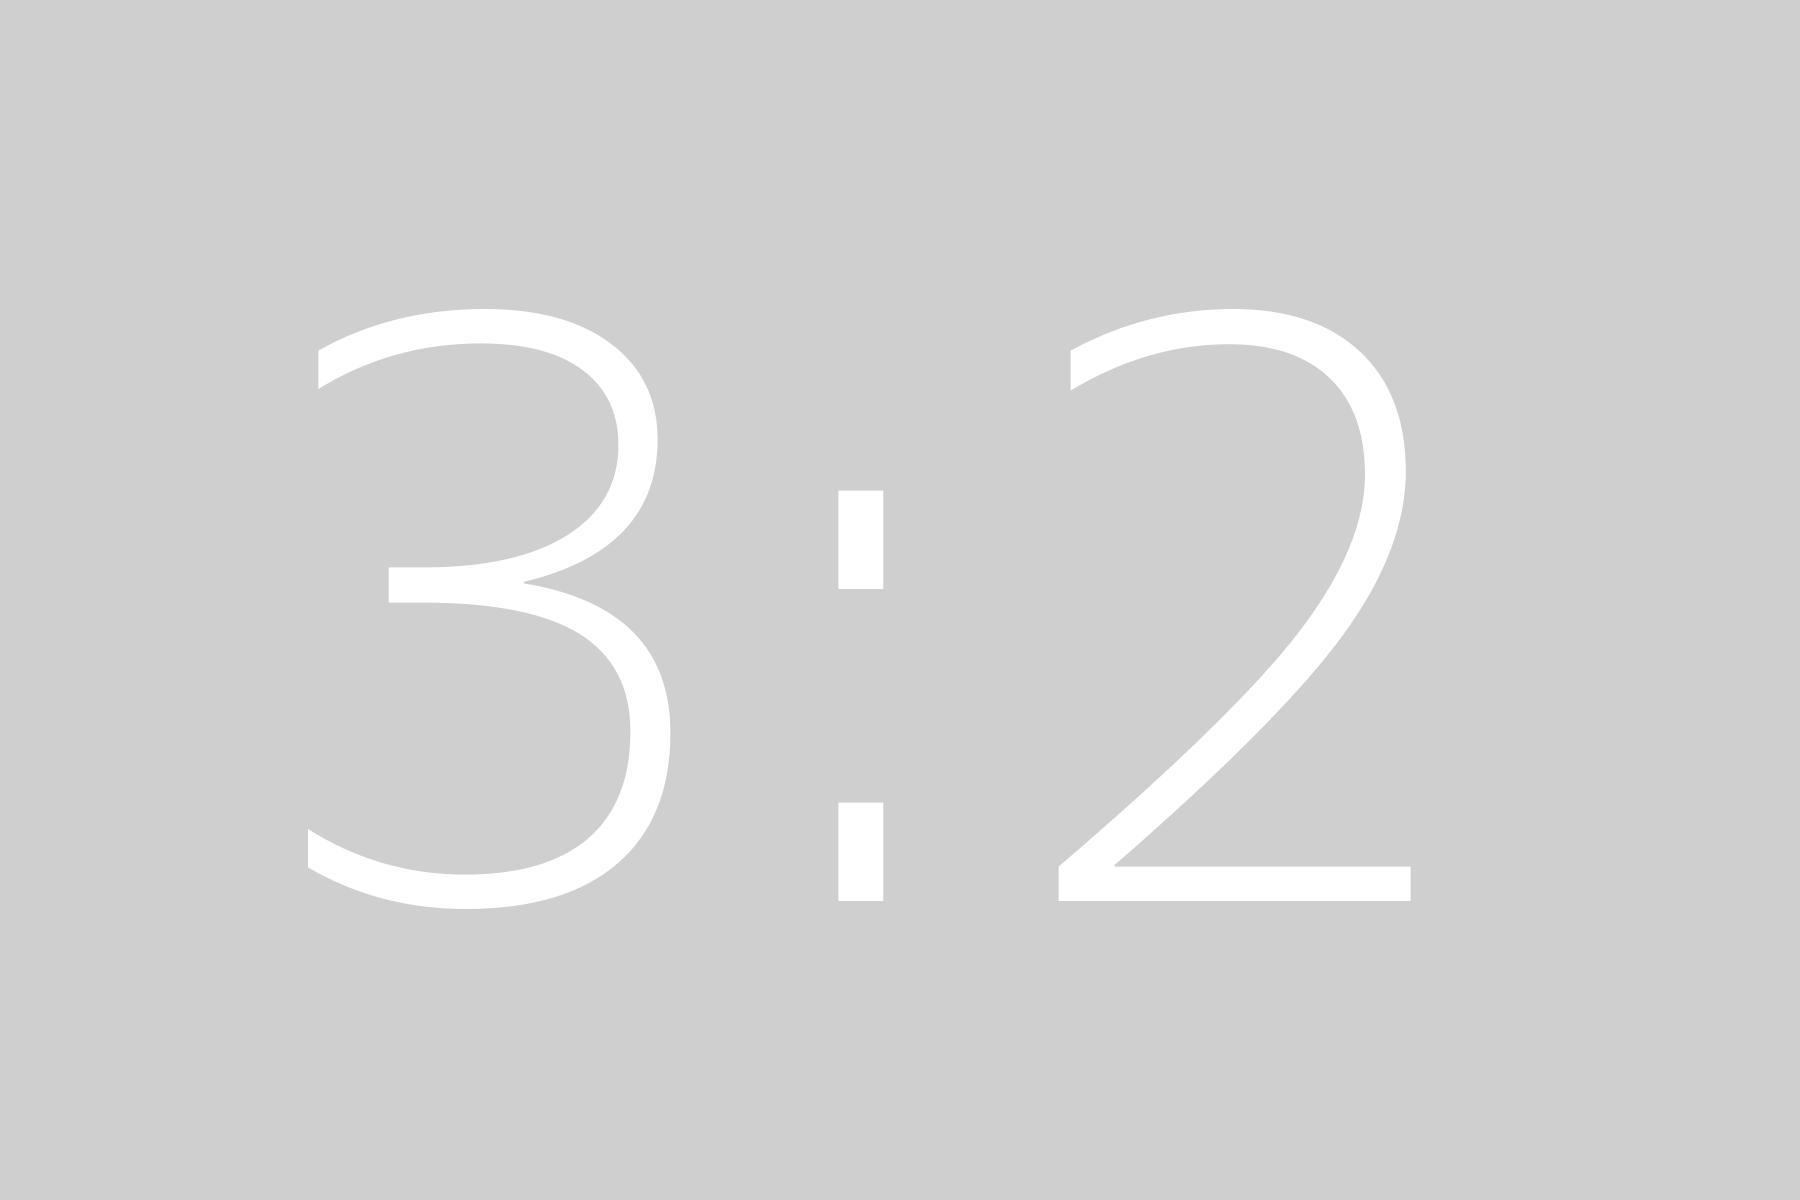 ffffff.jpg&text=3-2.jpeg